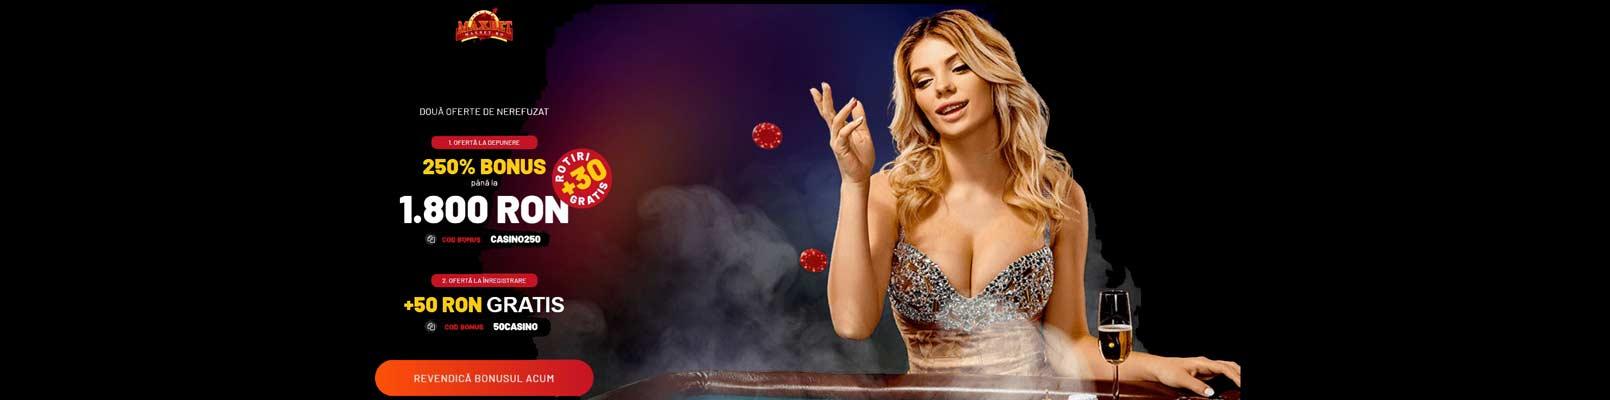 bonus maxbet online casino